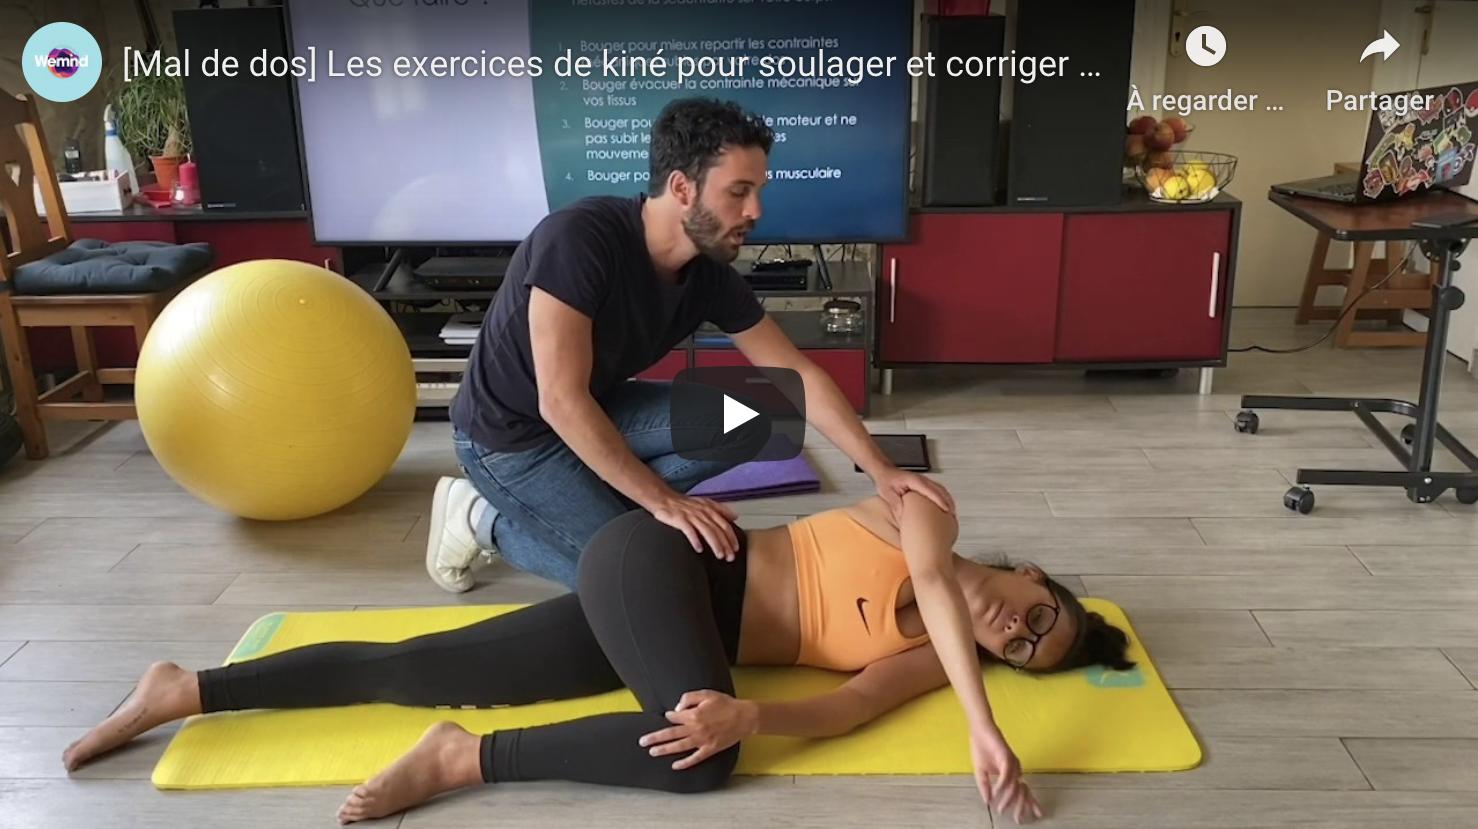 Mal De Dos Les Exercices Kine Pour Soulager Et Corriger Votre Posture